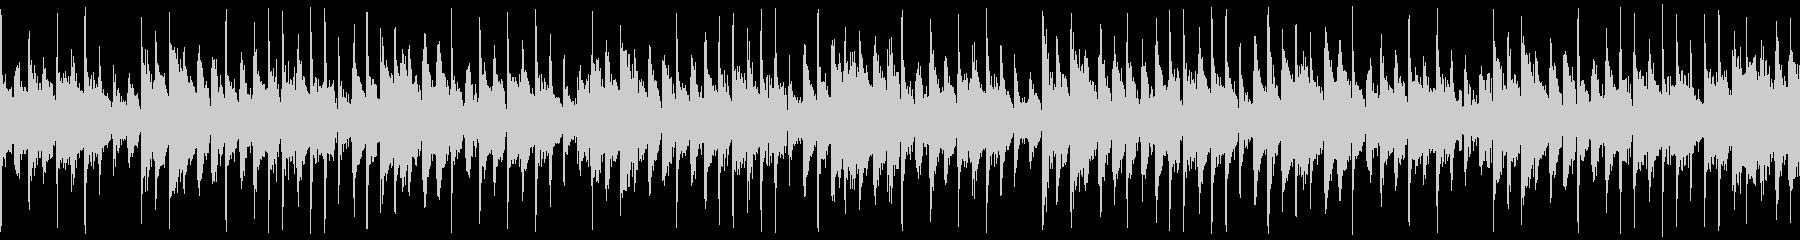 法人 シンセサイザー 電子打楽器 ...の未再生の波形